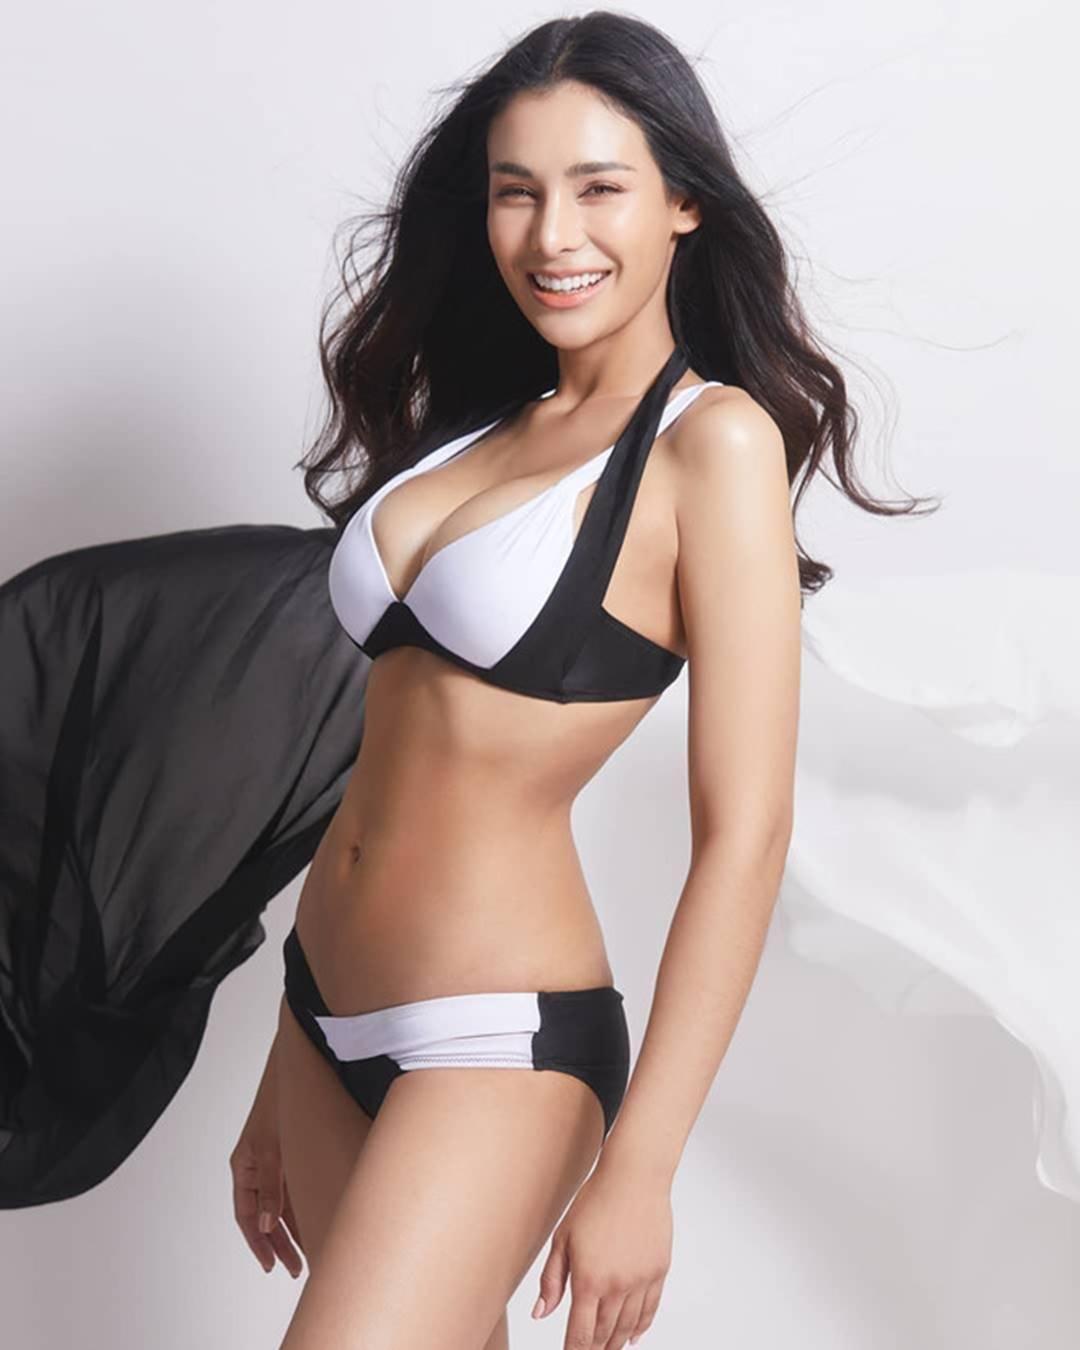 Tân Hoa hậu Hòa bình Thái Lan bị chê kém sắc và xấu tính-5